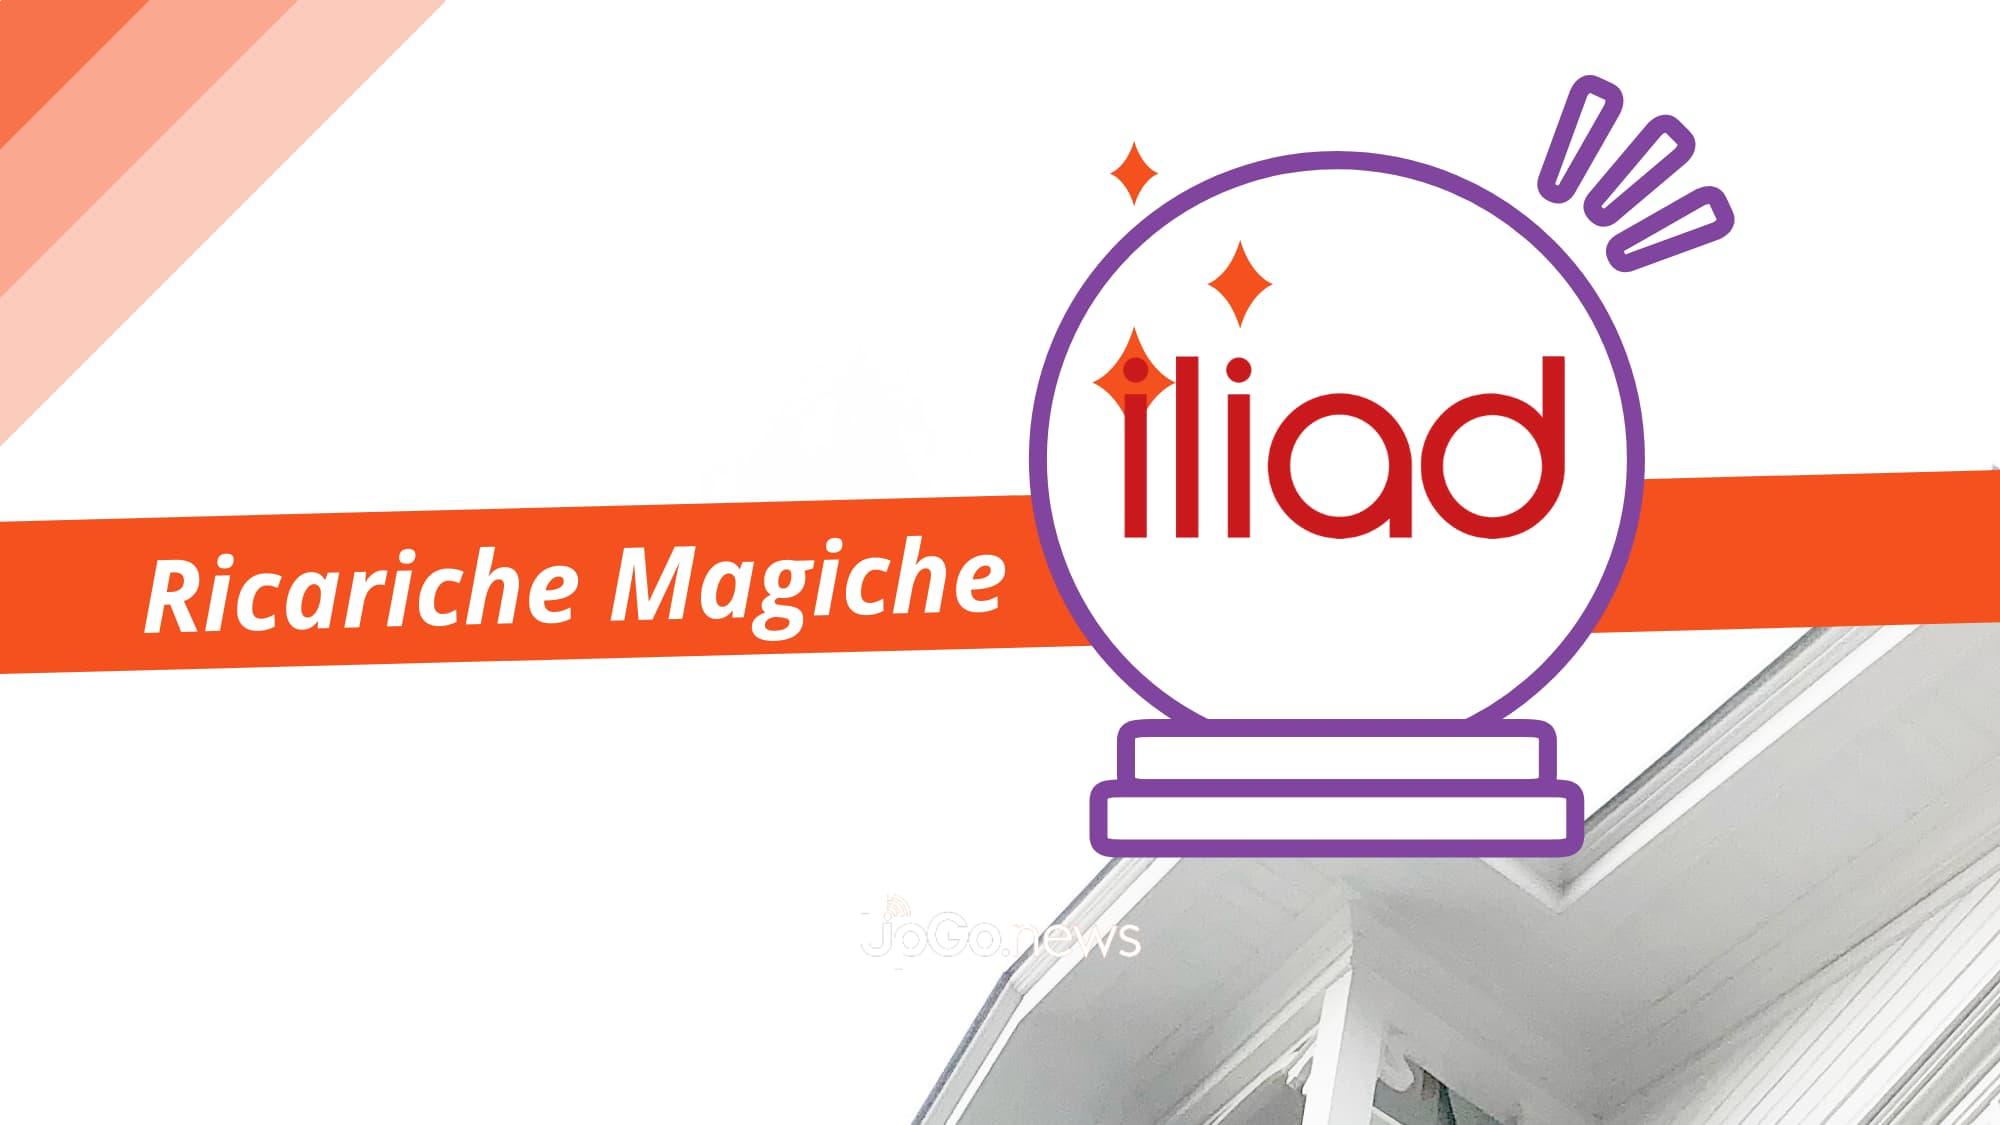 Ricariche Magiche Iliad